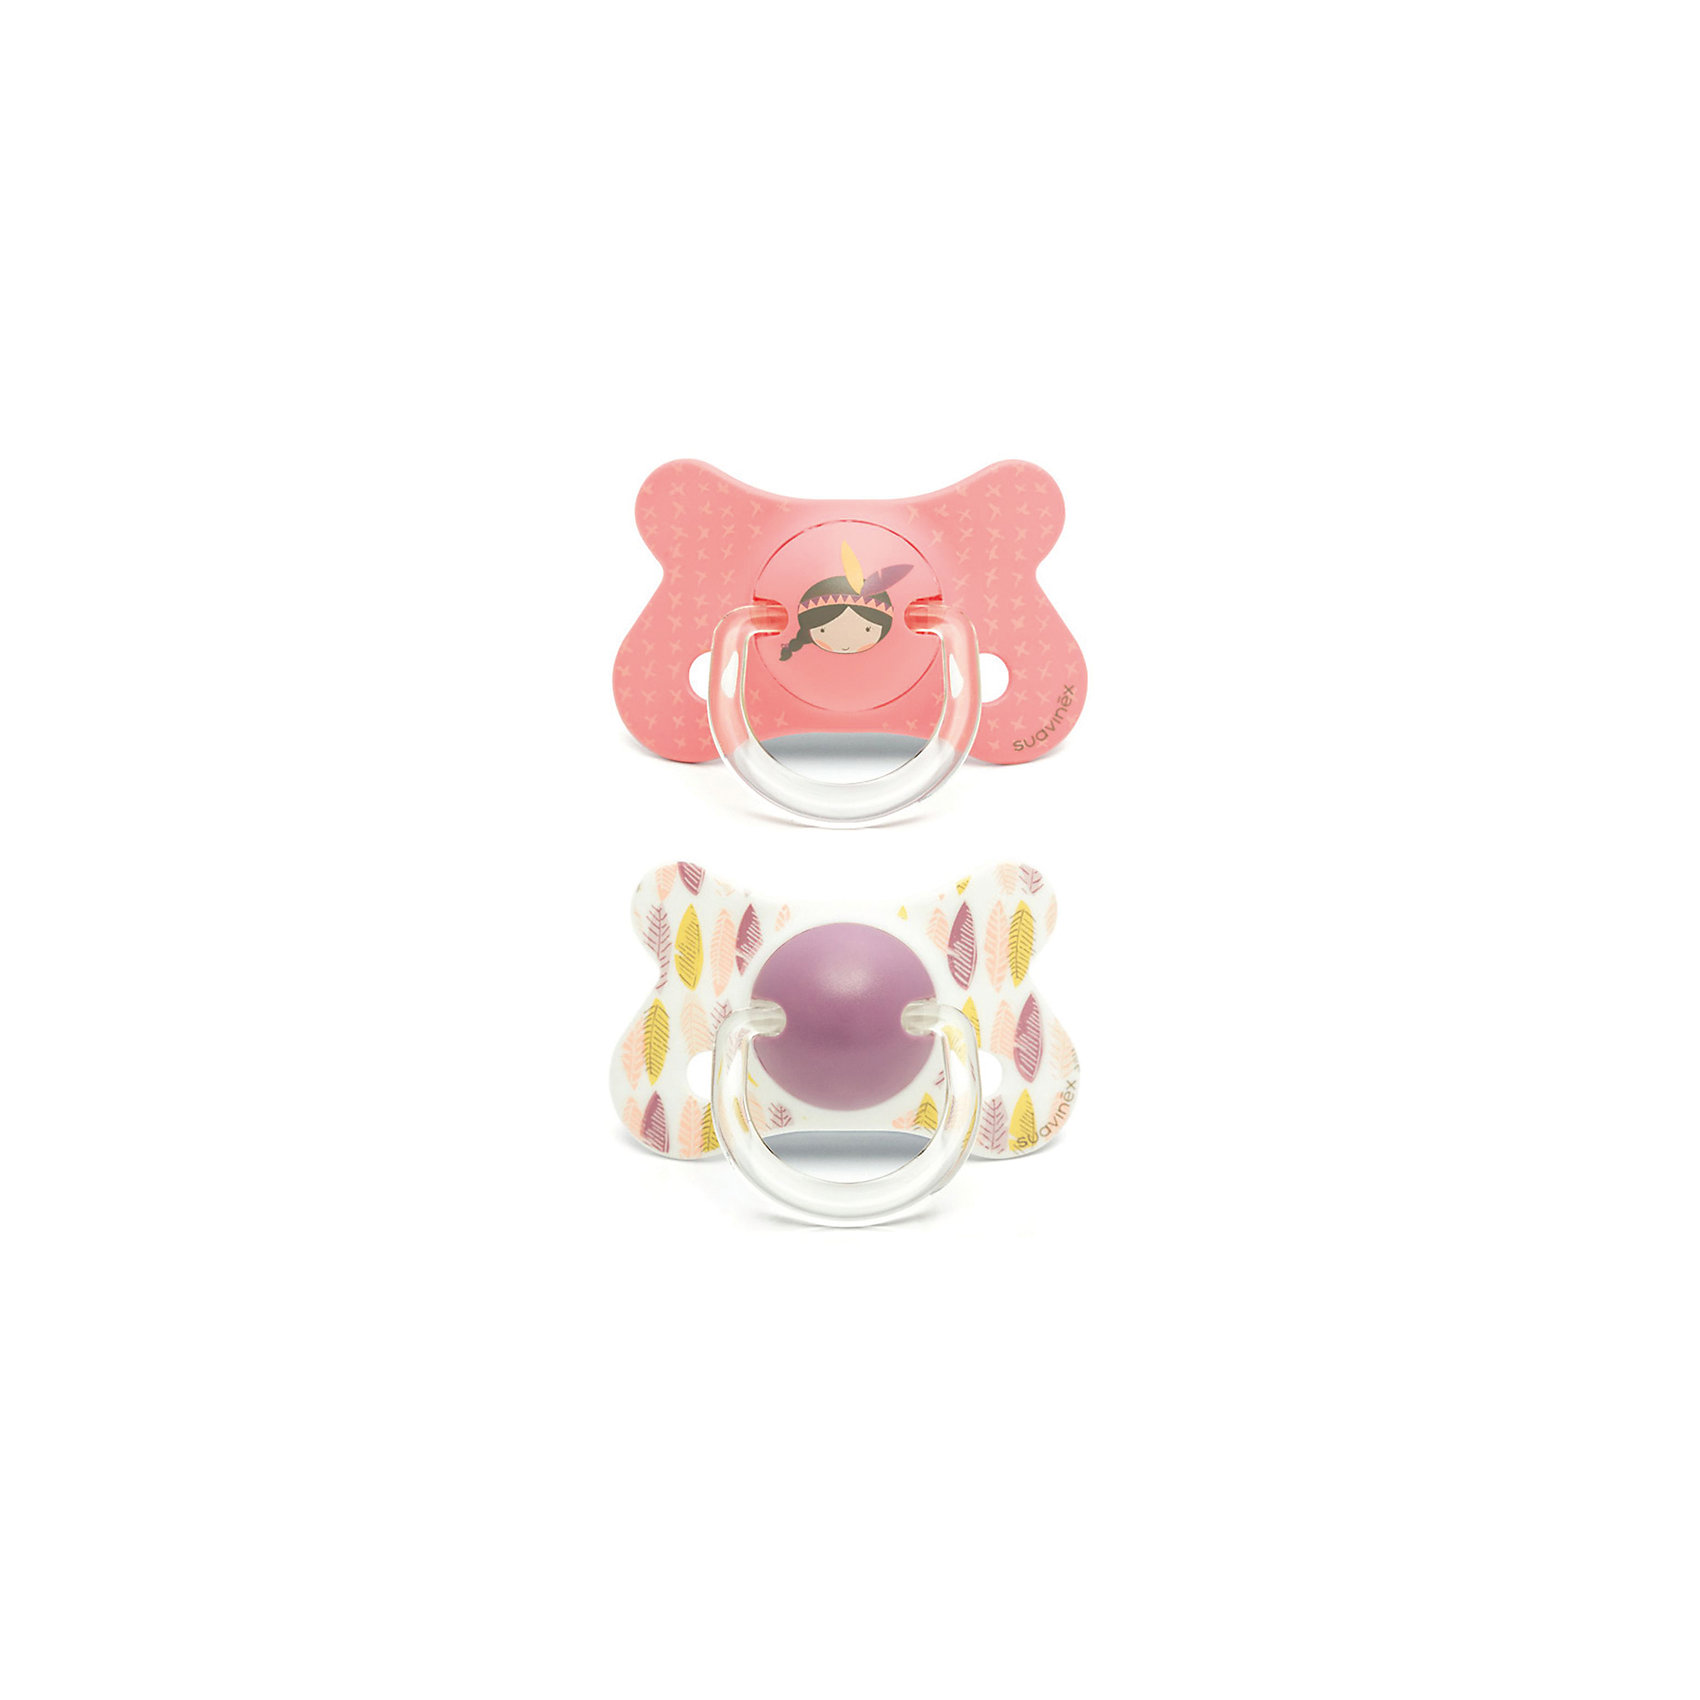 Пустышка силиконовая от 18мес., 2шт., Suavinex, розовый индеецПустышки и аксессуары<br>Характеристики:<br><br>• Наименование: пустышка<br>• Рекомендуемый возраст: от 18 месяцев<br>• Пол: для девочки<br>• Материал: силикон, пластик<br>• Цвет: розовый, красный, коричневый, белый, желтый<br>• Рисунок: индеец, перья<br>• Форма: анатомическая<br>• Комплектация: 2 пустышки<br>• Наличие вентиляционных отверстий <br>• Кольцо для держателя<br>• Вес: 40 г<br>• Параметры (Д*Ш*В): 5,4*6,5*14,1 см <br>• Особенности ухода: можно мыть в теплой воде, регулярная стерилизация <br><br>Пустышка от 18 мес., 2 шт., Suavinex, розовый индеец изготовлена испанским торговым брендом, специализирующимся на выпуске товаров для кормления и аксессуаров новорожденным и младенцам. Продукция от Suavinex разработана с учетом рекомендаций педиатров и стоматологов, что гарантирует качество и безопасность использованных материалов. <br><br>Пластик, из которого изготовлено изделие, устойчив к появлению царапин и сколов, благодаря чему пустышка длительное время сохраняет свои гигиенические свойства. Форма у соски способствует равномерному распределению давления на небо, что обеспечивает правильное формирование речевого аппарата. <br><br>Пустышка имеет анатомическую форму, для прикрепления держателя предусмотрено кольцо. Изделие выполнено в брендовом дизайне, с изображением индейской тематики. Рисунок нанесен по инновационной технологии, которая обеспечивает его стойкость даже при длительном использовании и частой стерилизации.<br><br>Пустышку от от 18 мес., 2 шт., Suavinex, розовый индеец можно купить в нашем интернет-магазине.<br><br>Ширина мм: 54<br>Глубина мм: 65<br>Высота мм: 141<br>Вес г: 40<br>Возраст от месяцев: 18<br>Возраст до месяцев: 24<br>Пол: Женский<br>Возраст: Детский<br>SKU: 5451286